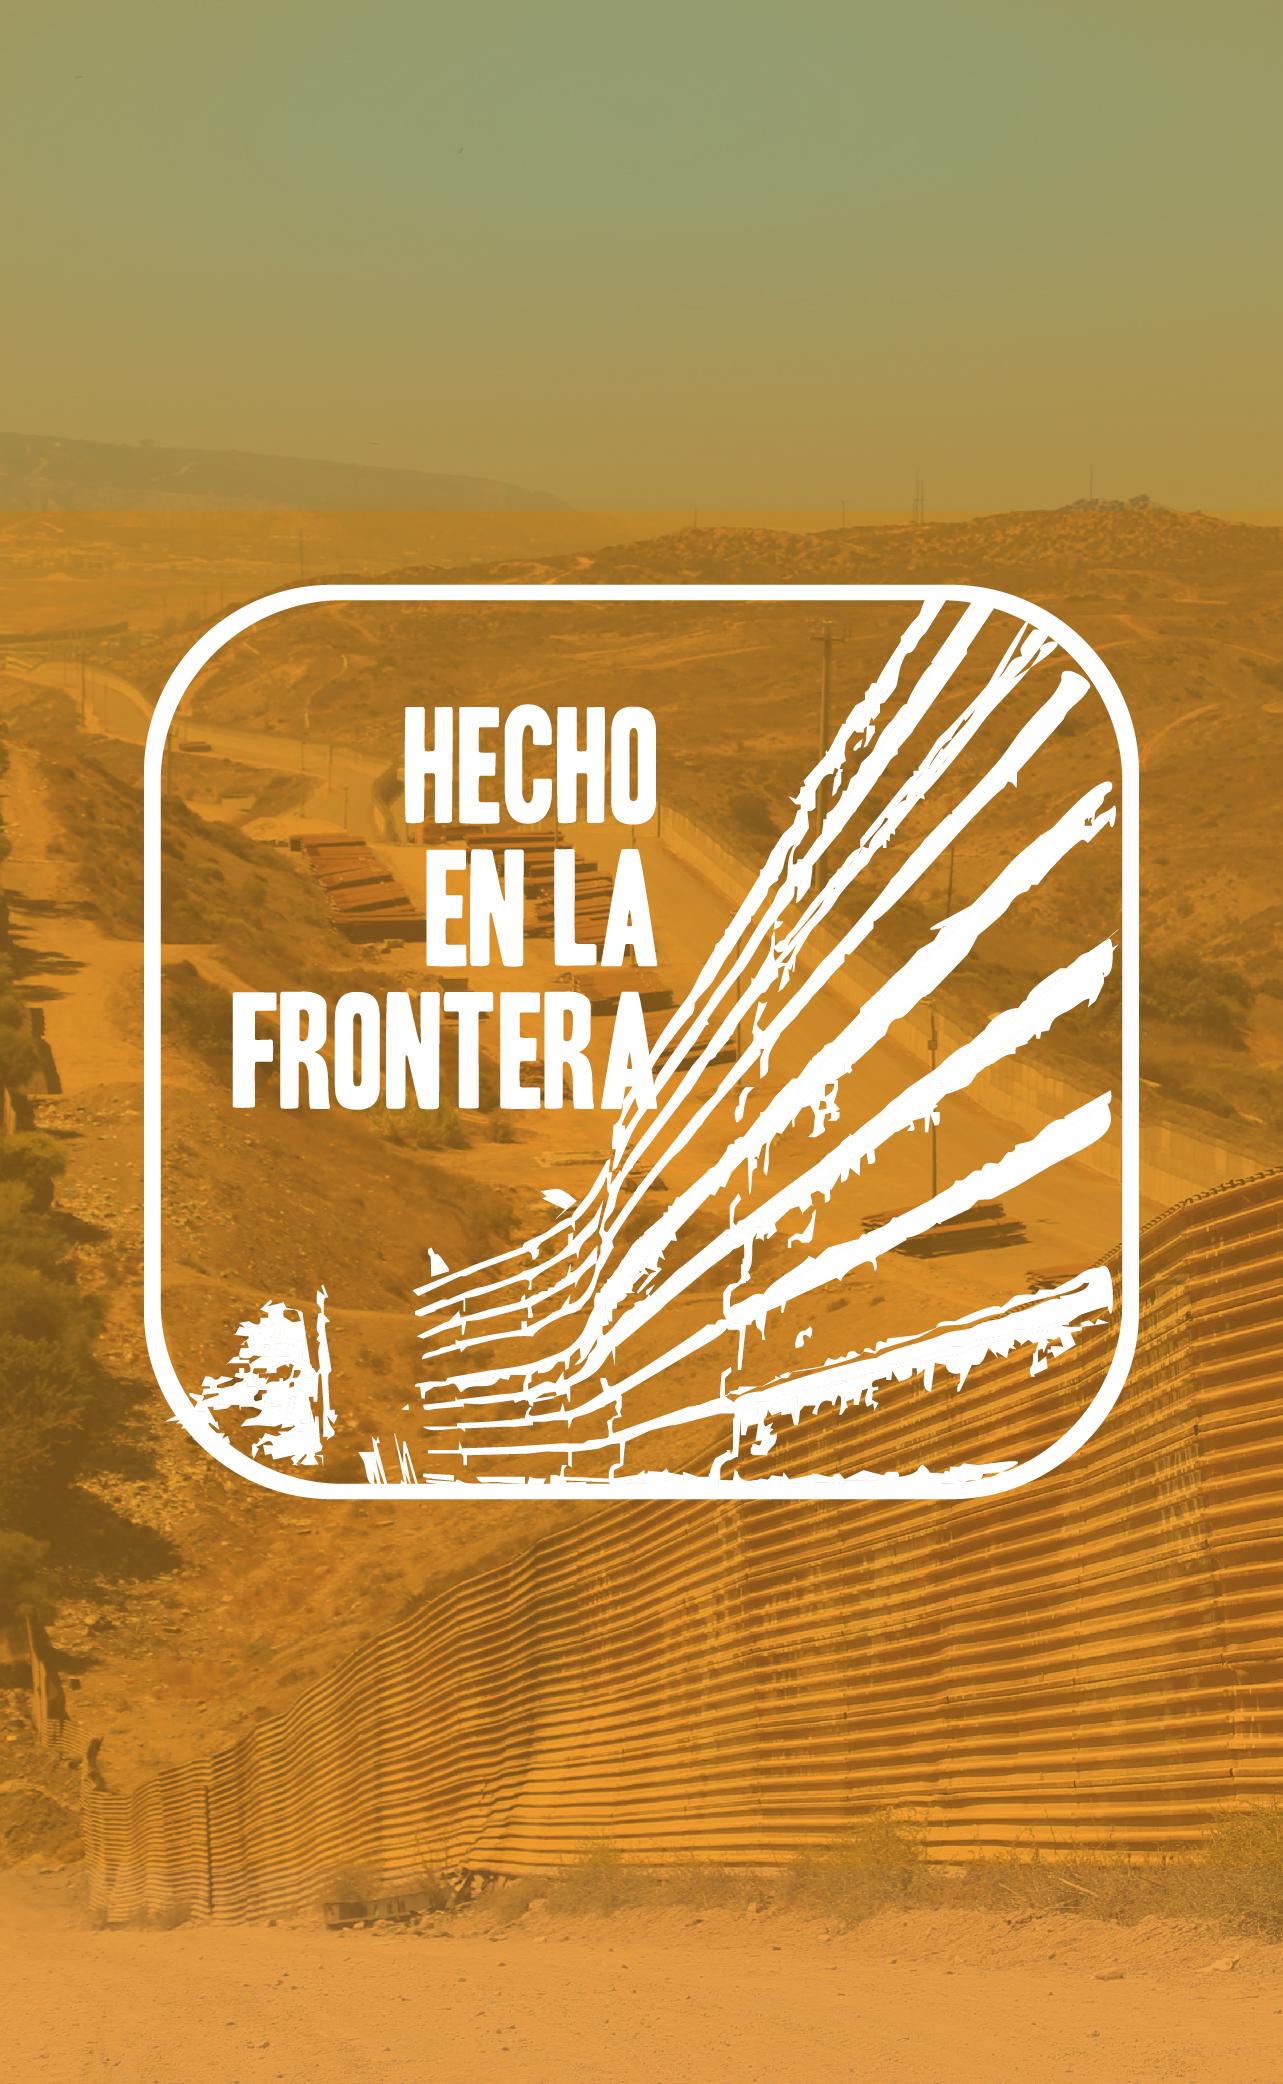 Hecho en la Frontera